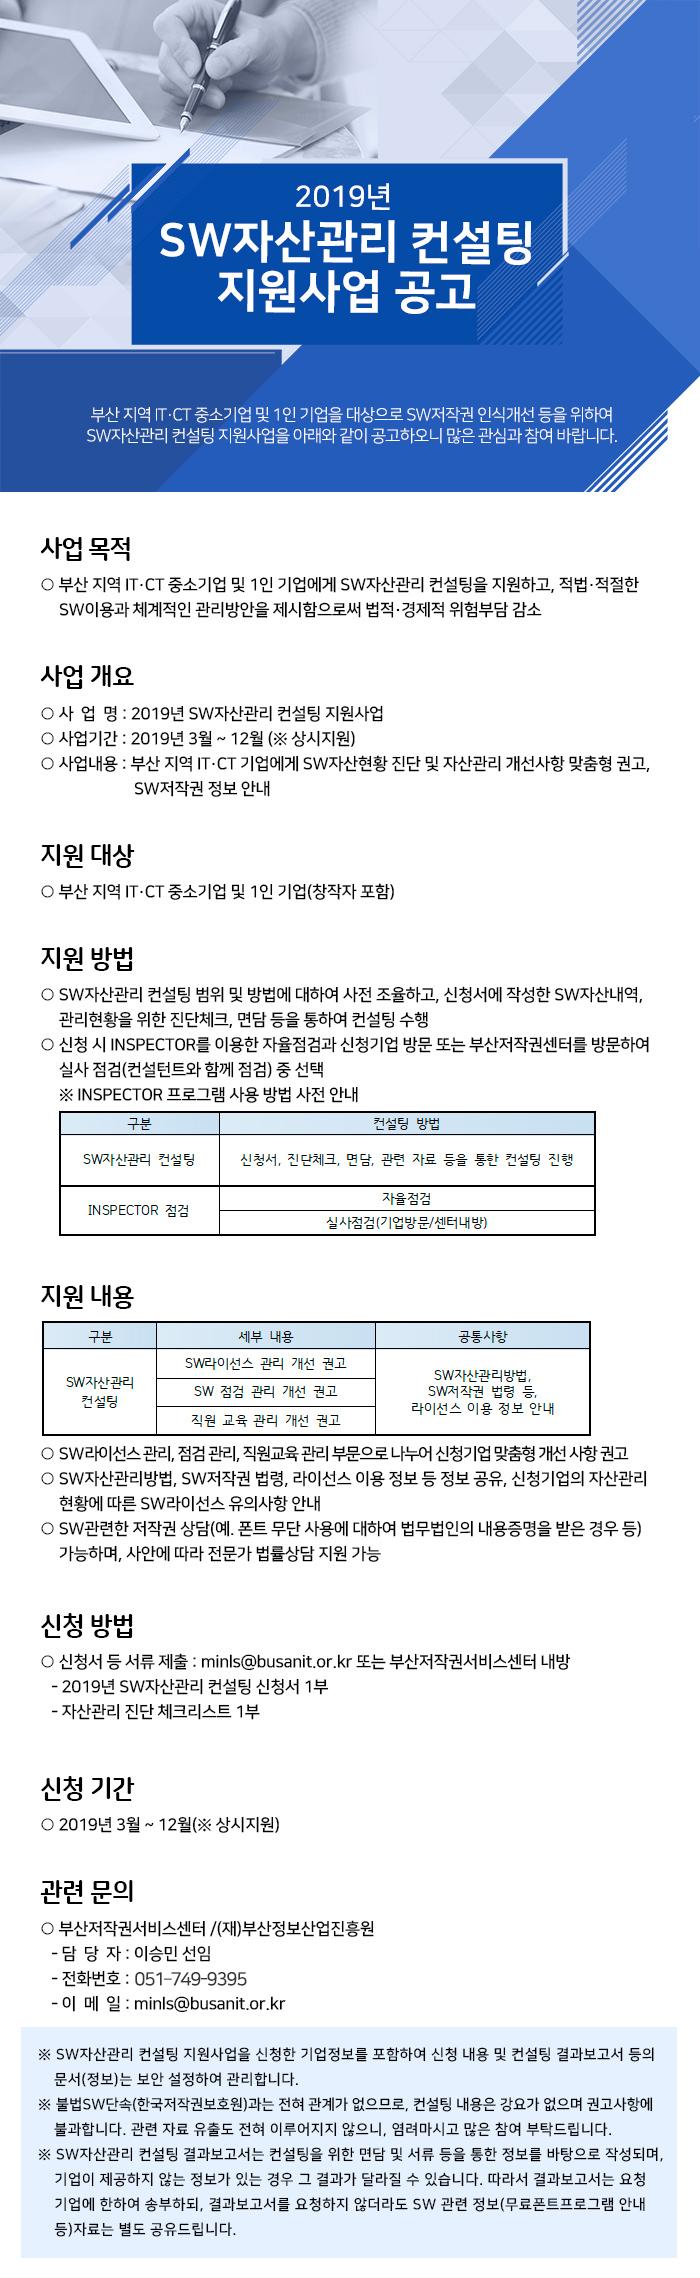 2019년 SW자산관리 컨설팅 지원사업 공고